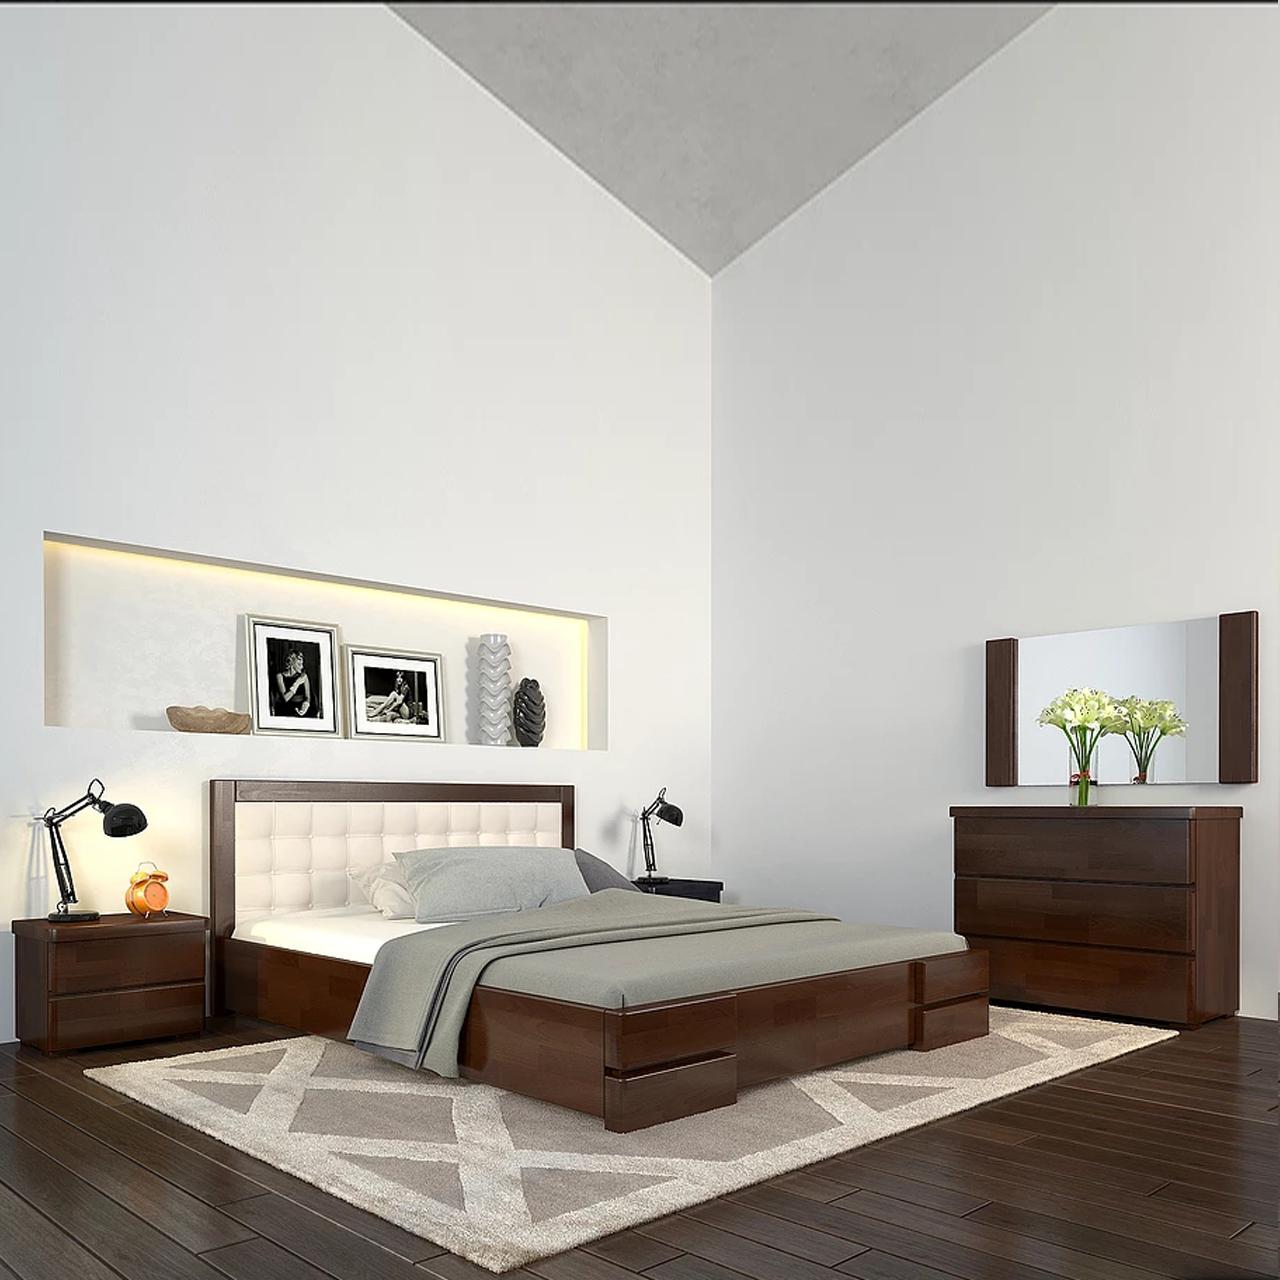 Ліжко дерев'яне двоспальне Регіна Люкс